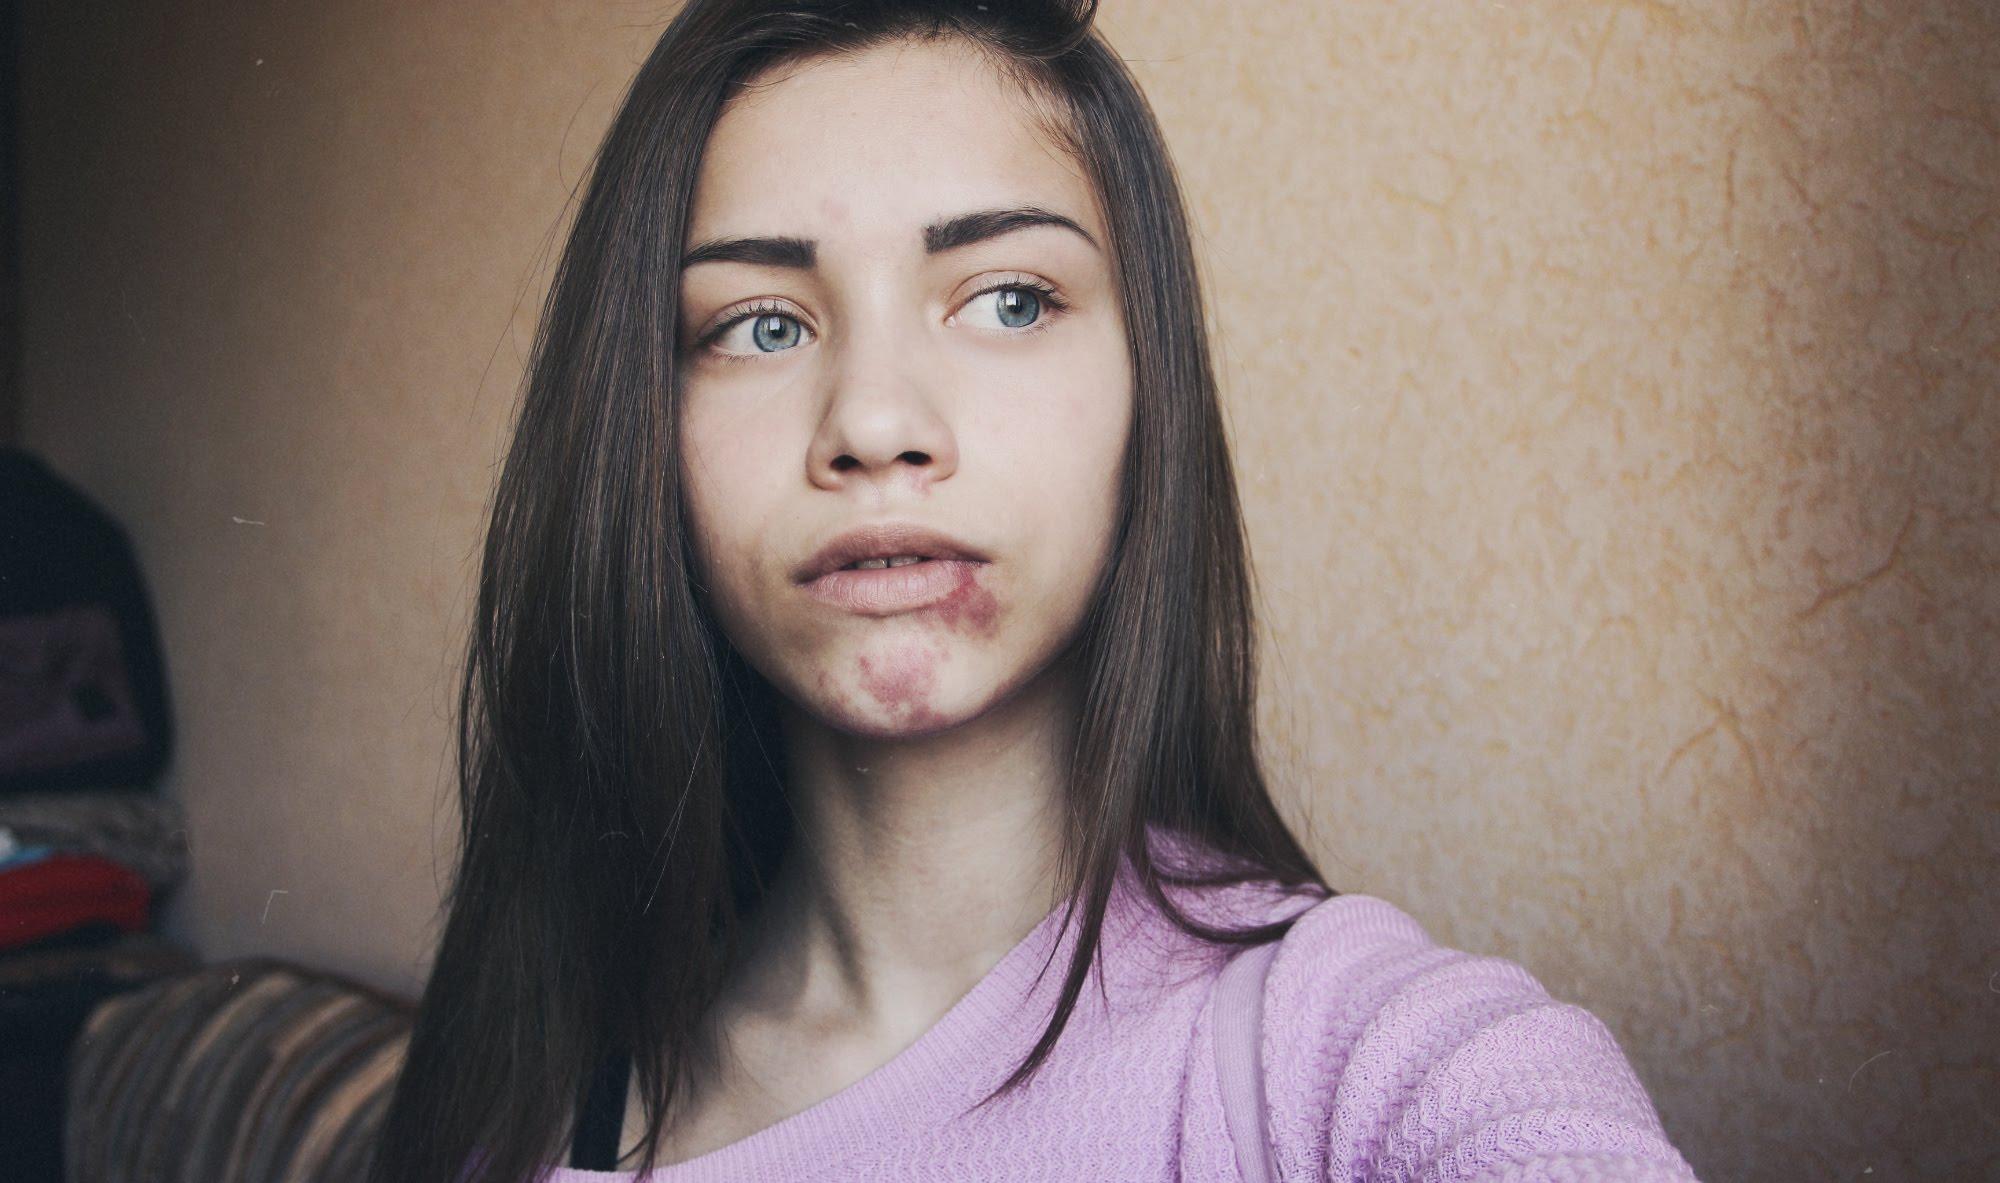 родимые пятна фото на лице